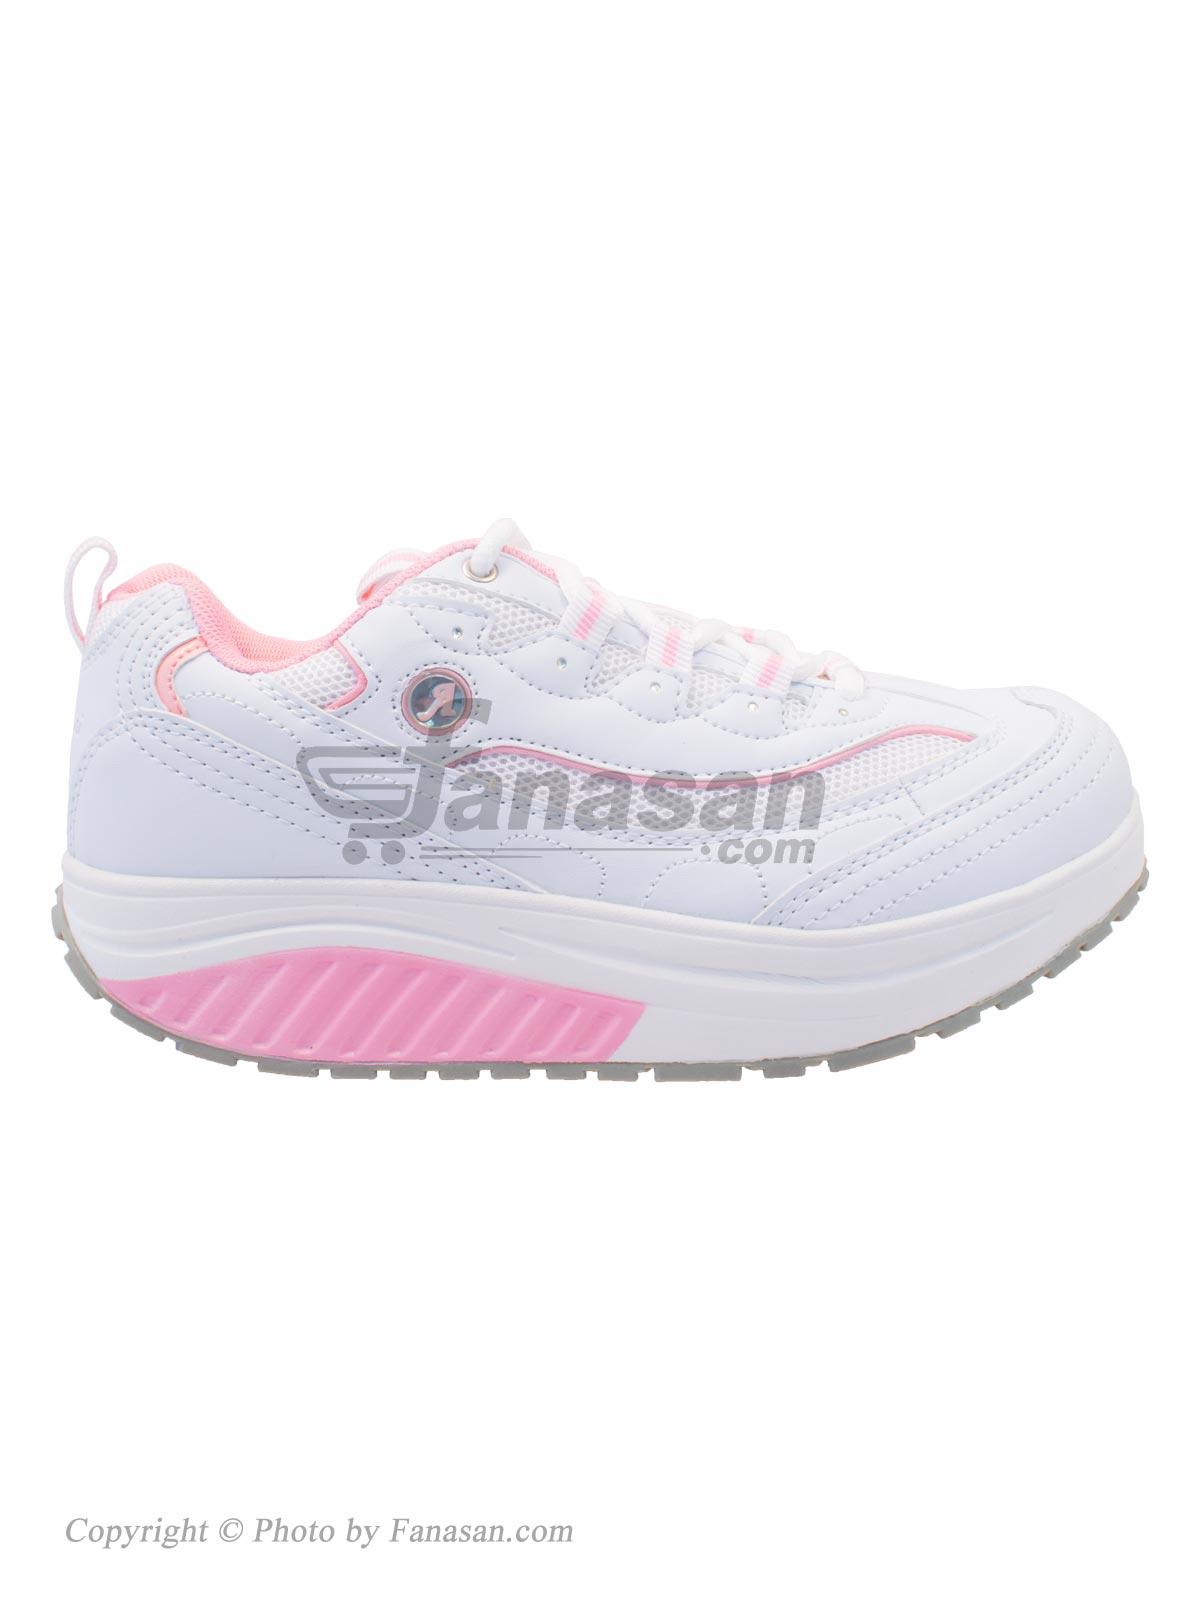 کفش زنانه آلبرتینی نهرین مخصوص پیاده روی مدل پرفکت سفید صورتی سایز 36